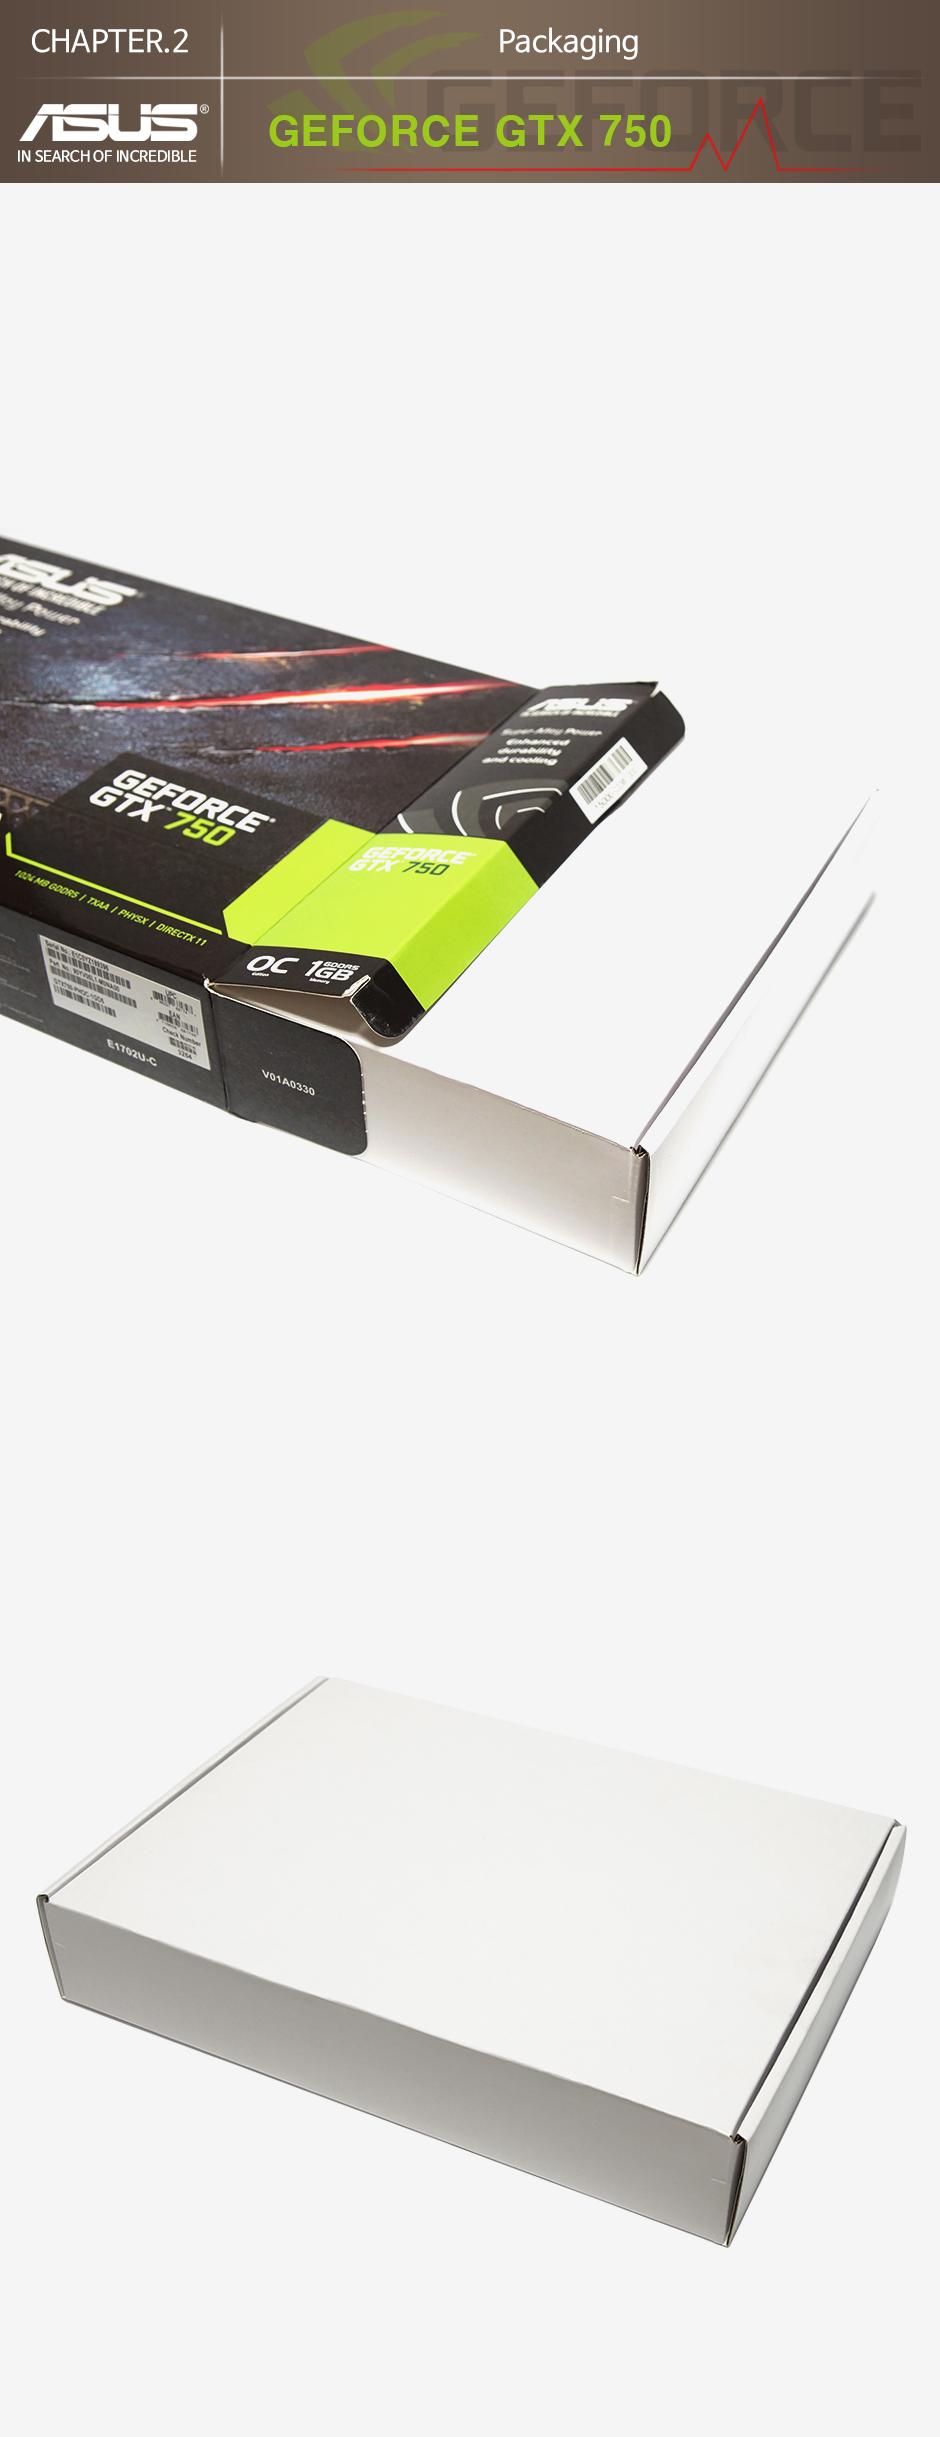 ASUS-GTX-750-패키징2.png